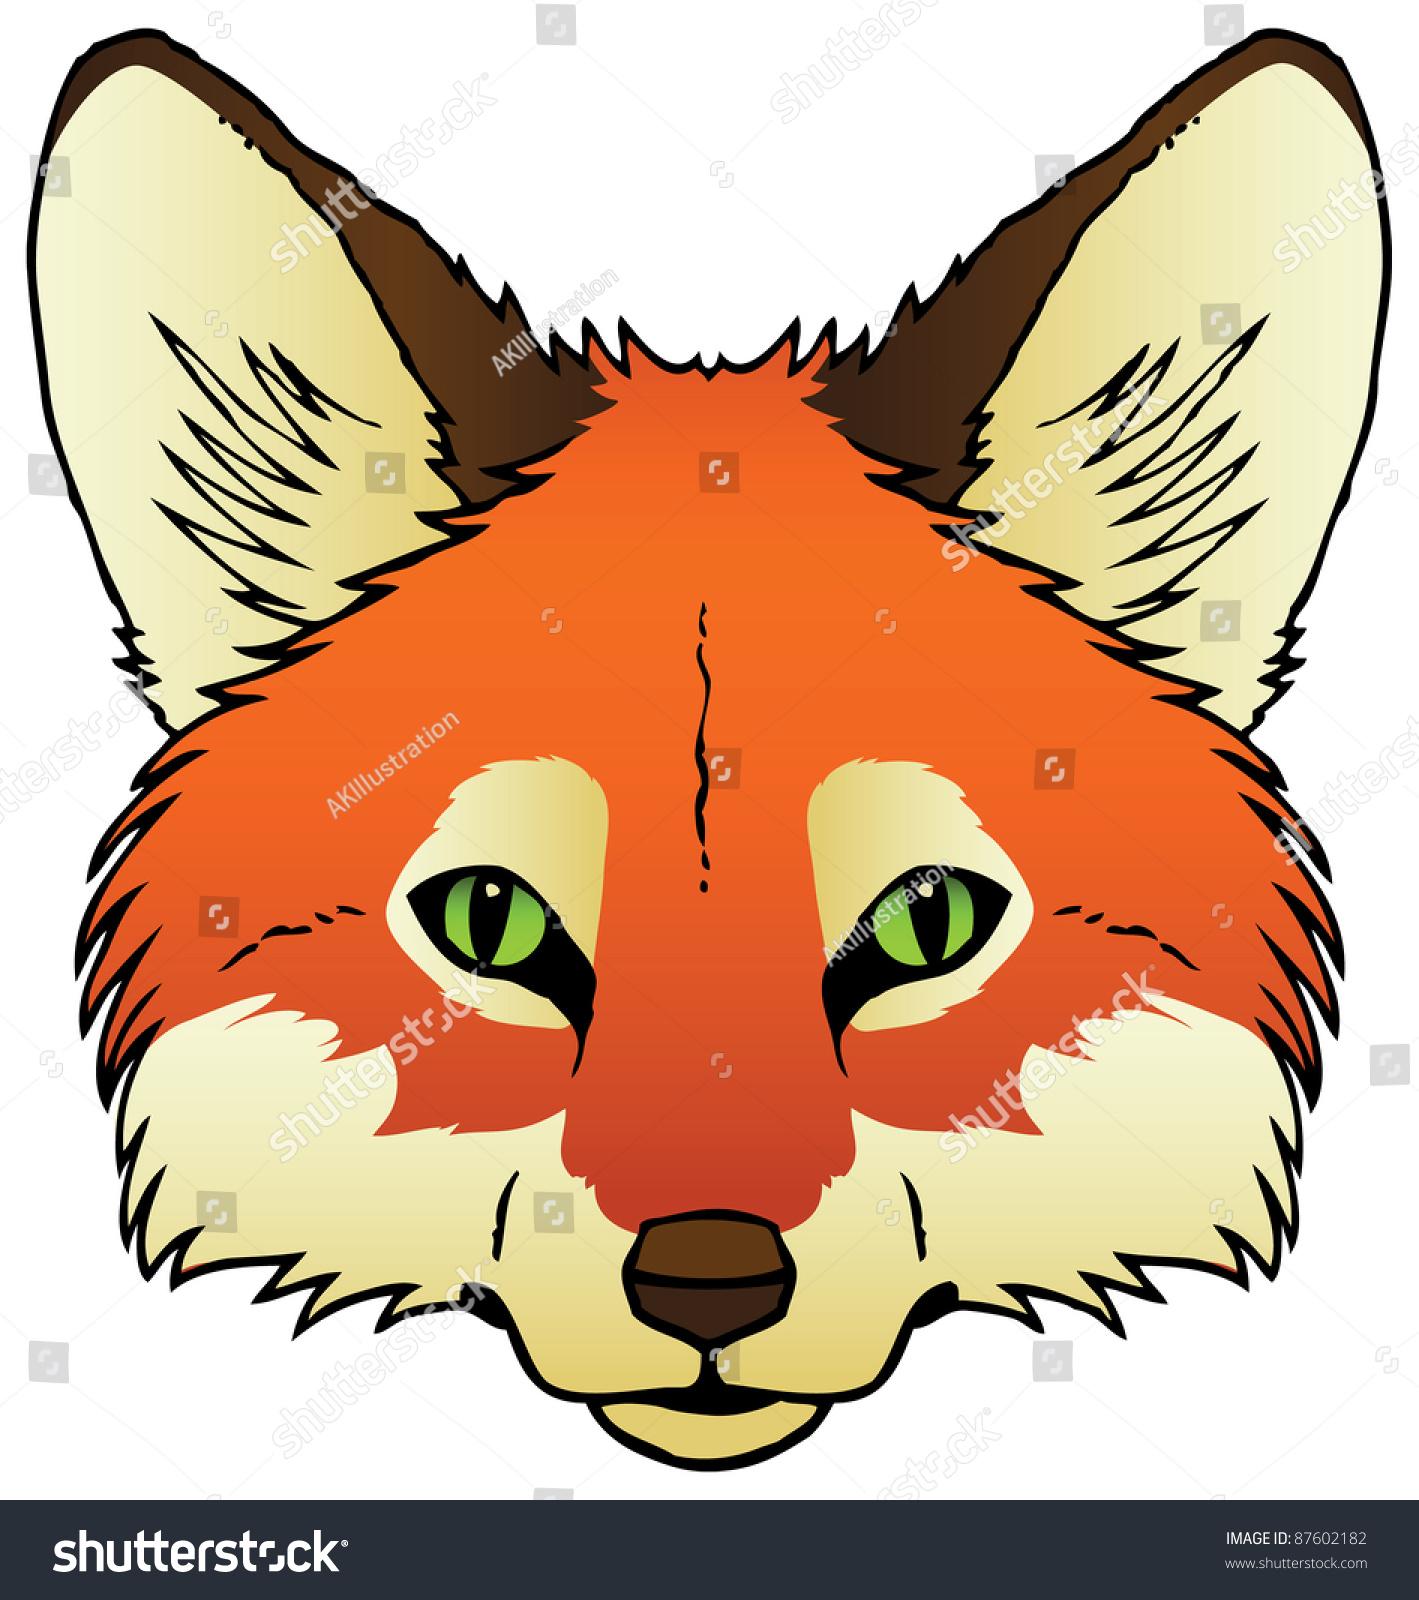 一只狐狸的脸的墨水画.光栅.-动物/野生生物,自然-()